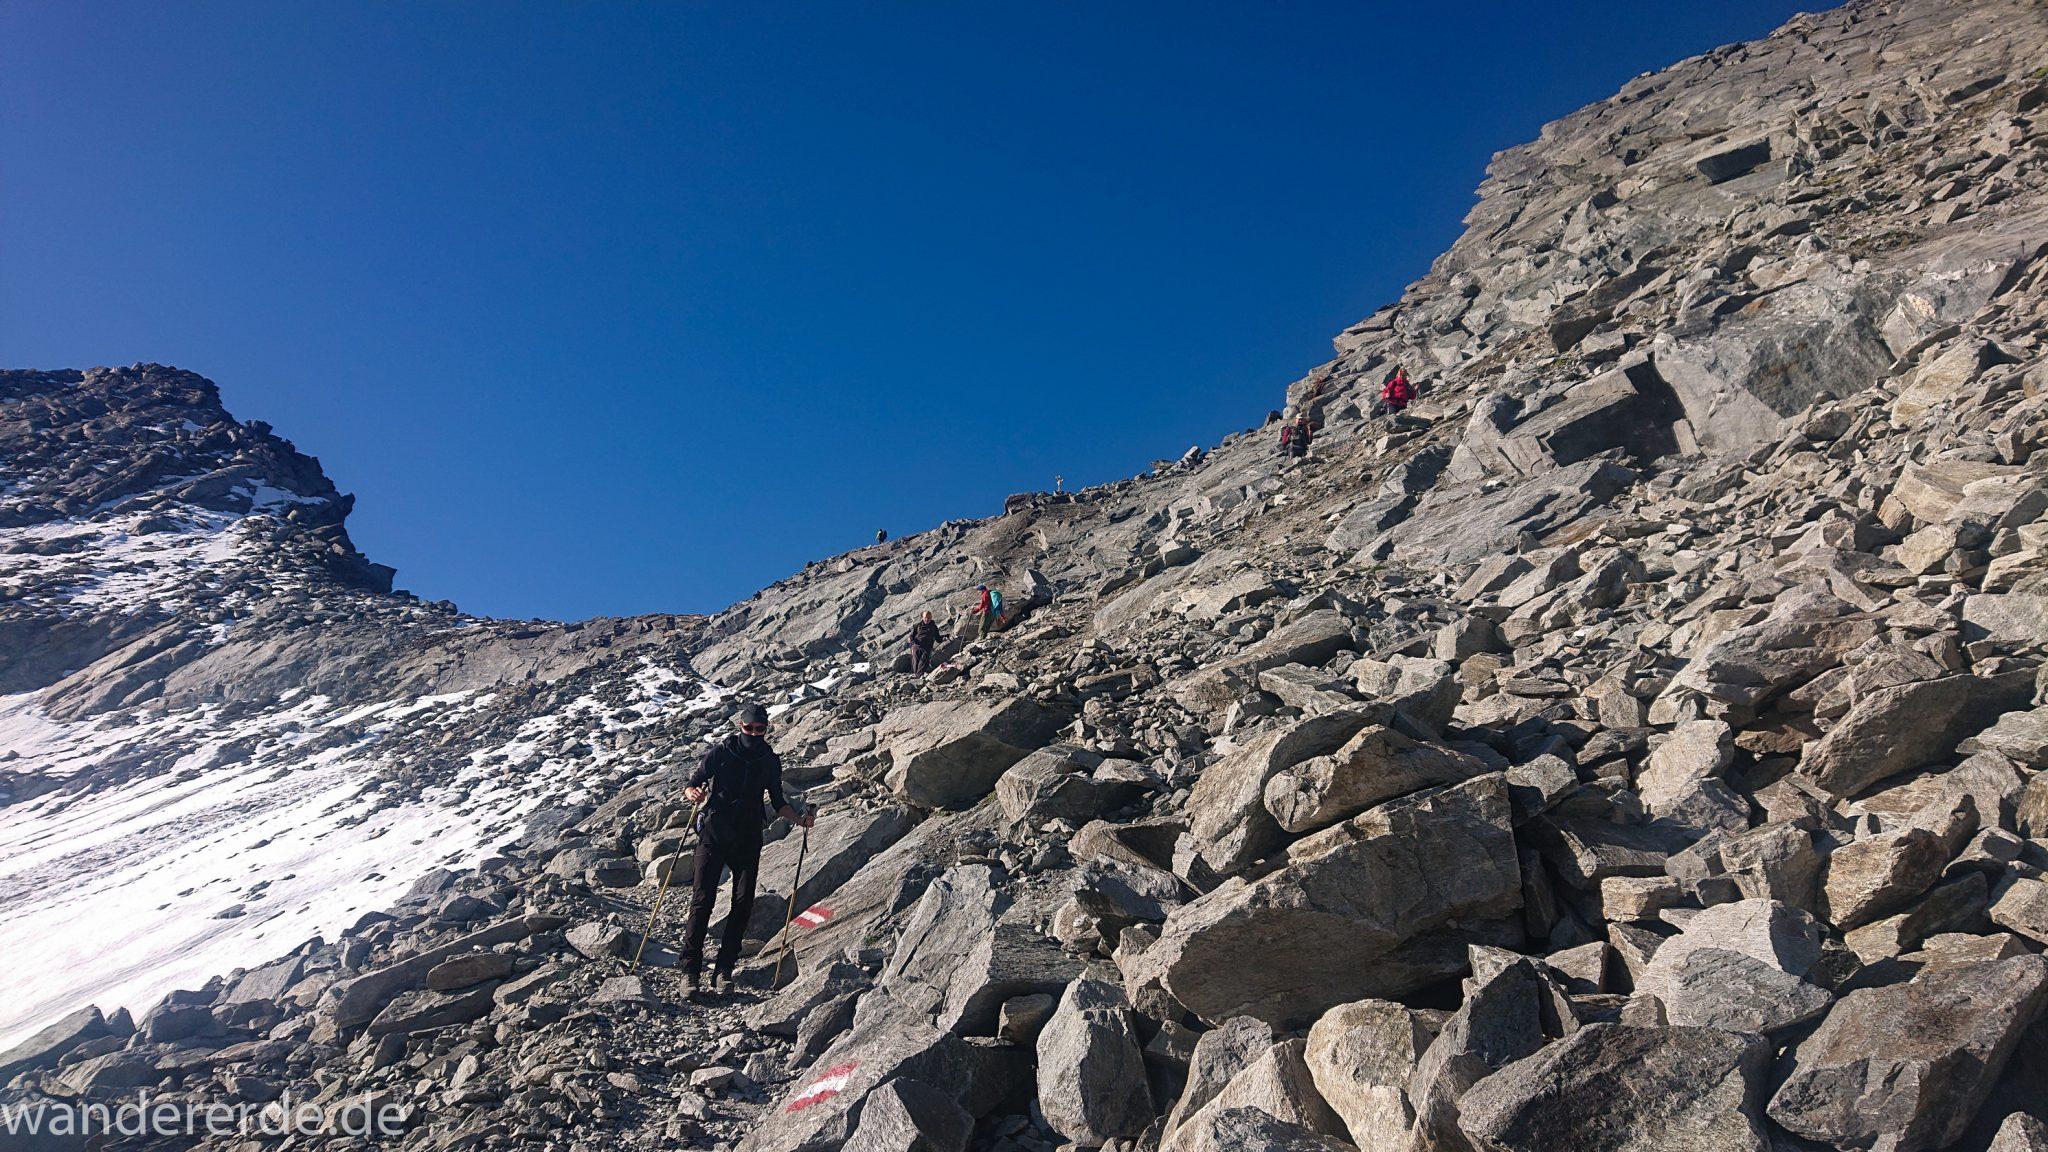 Alpenüberquerung Fernwanderweg E5 Oberstdorf Meran, 5. Etappe von Braunschweiger Hütte zur Martin-Busch-Hütte, zu Beginn der 5. Etappe steiler und schmaler Wanderweg mit viel Geröll hinauf zum Pitztaler Jöchl, nach Erreichen des Pitztaler Jöchl auf anderer Seite sehr steiler Abstieg über grobes Geröll mit teils schwierigen Abschnitten mit Sicherungen durch Drahtseil und Trittstufen aus Metall, sehr beeindruckende Bergwelt in den Alpen mit Resten von Schneefeldern, Wegmarkierung an sehr großen Felsen und Steinen, Abstieg später von einem großen Stein zum nächsten hüpfen, sehr abwechslungsreich